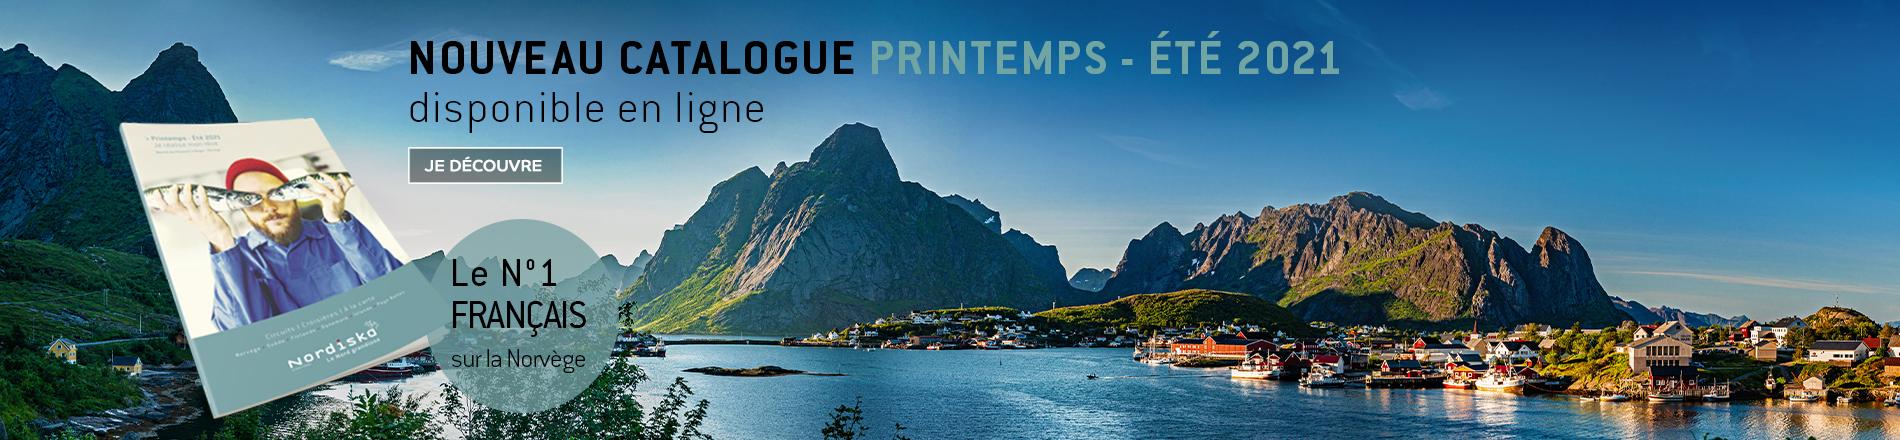 Nos voyages 2021 en Scandinavie avec Nordiska